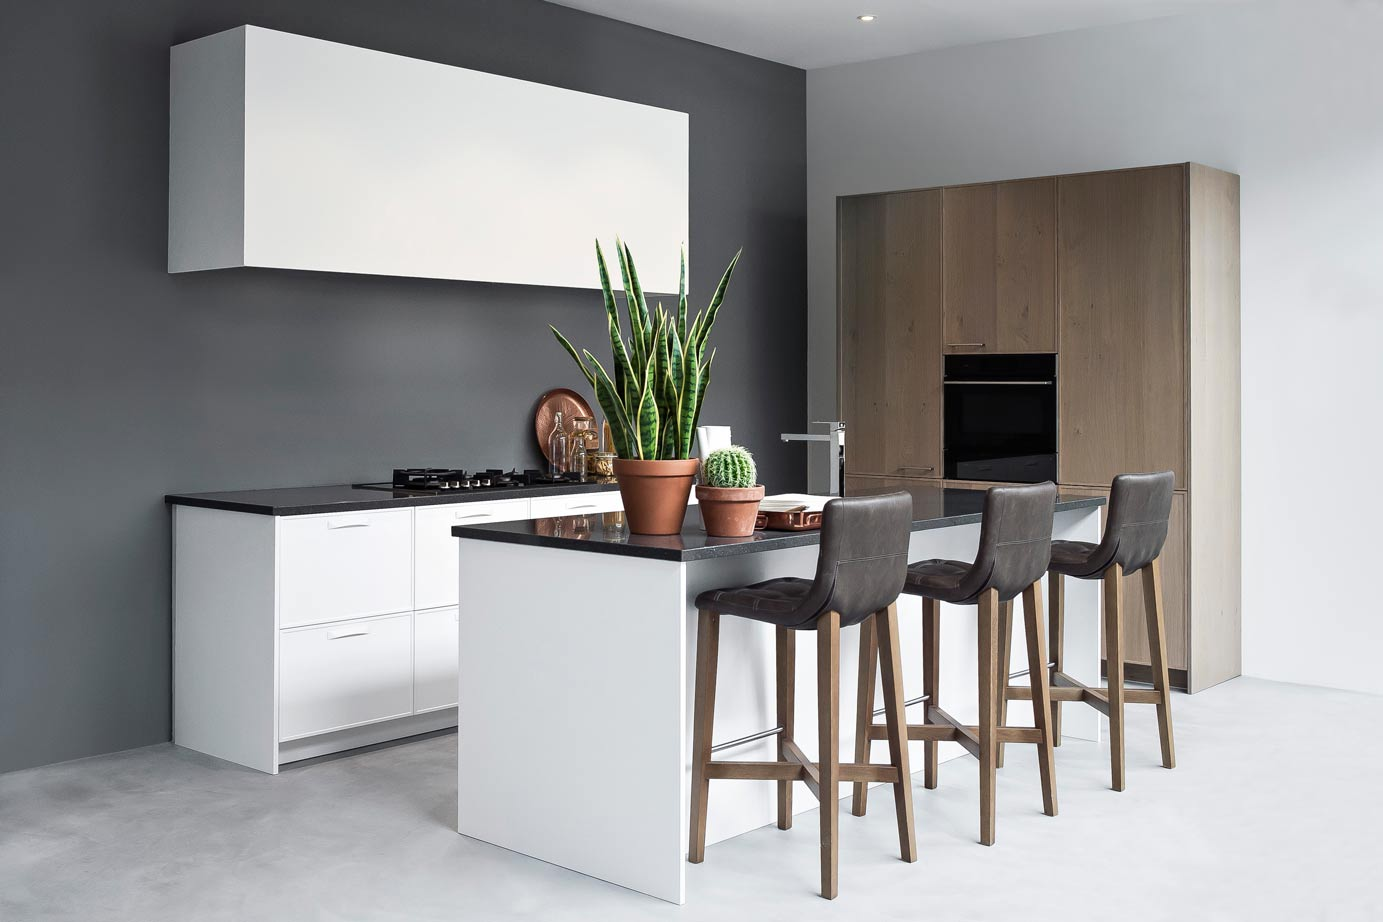 Keuken Moderne Bar : Moderne keuken met eiland incl kastenwand db keukens